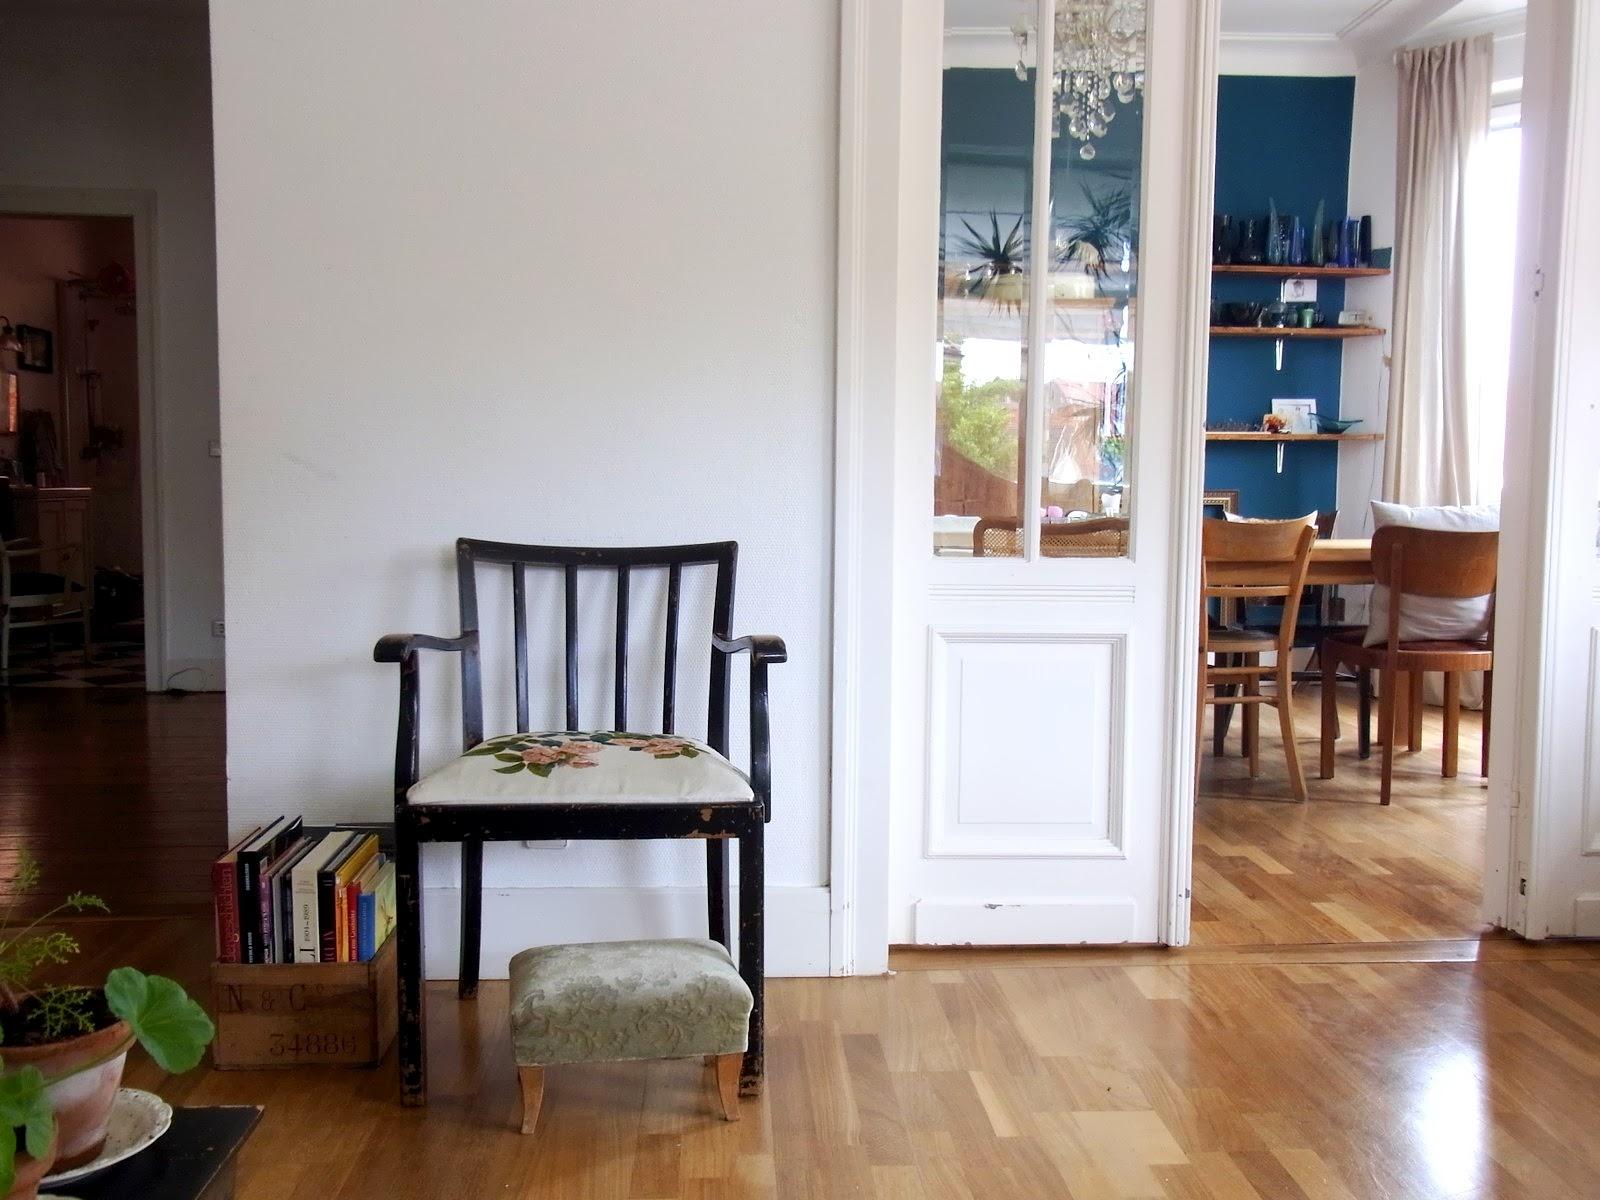 Wohnbeispiele Wohnzimmer Jtleigh.com   Hausgestaltung Ideen